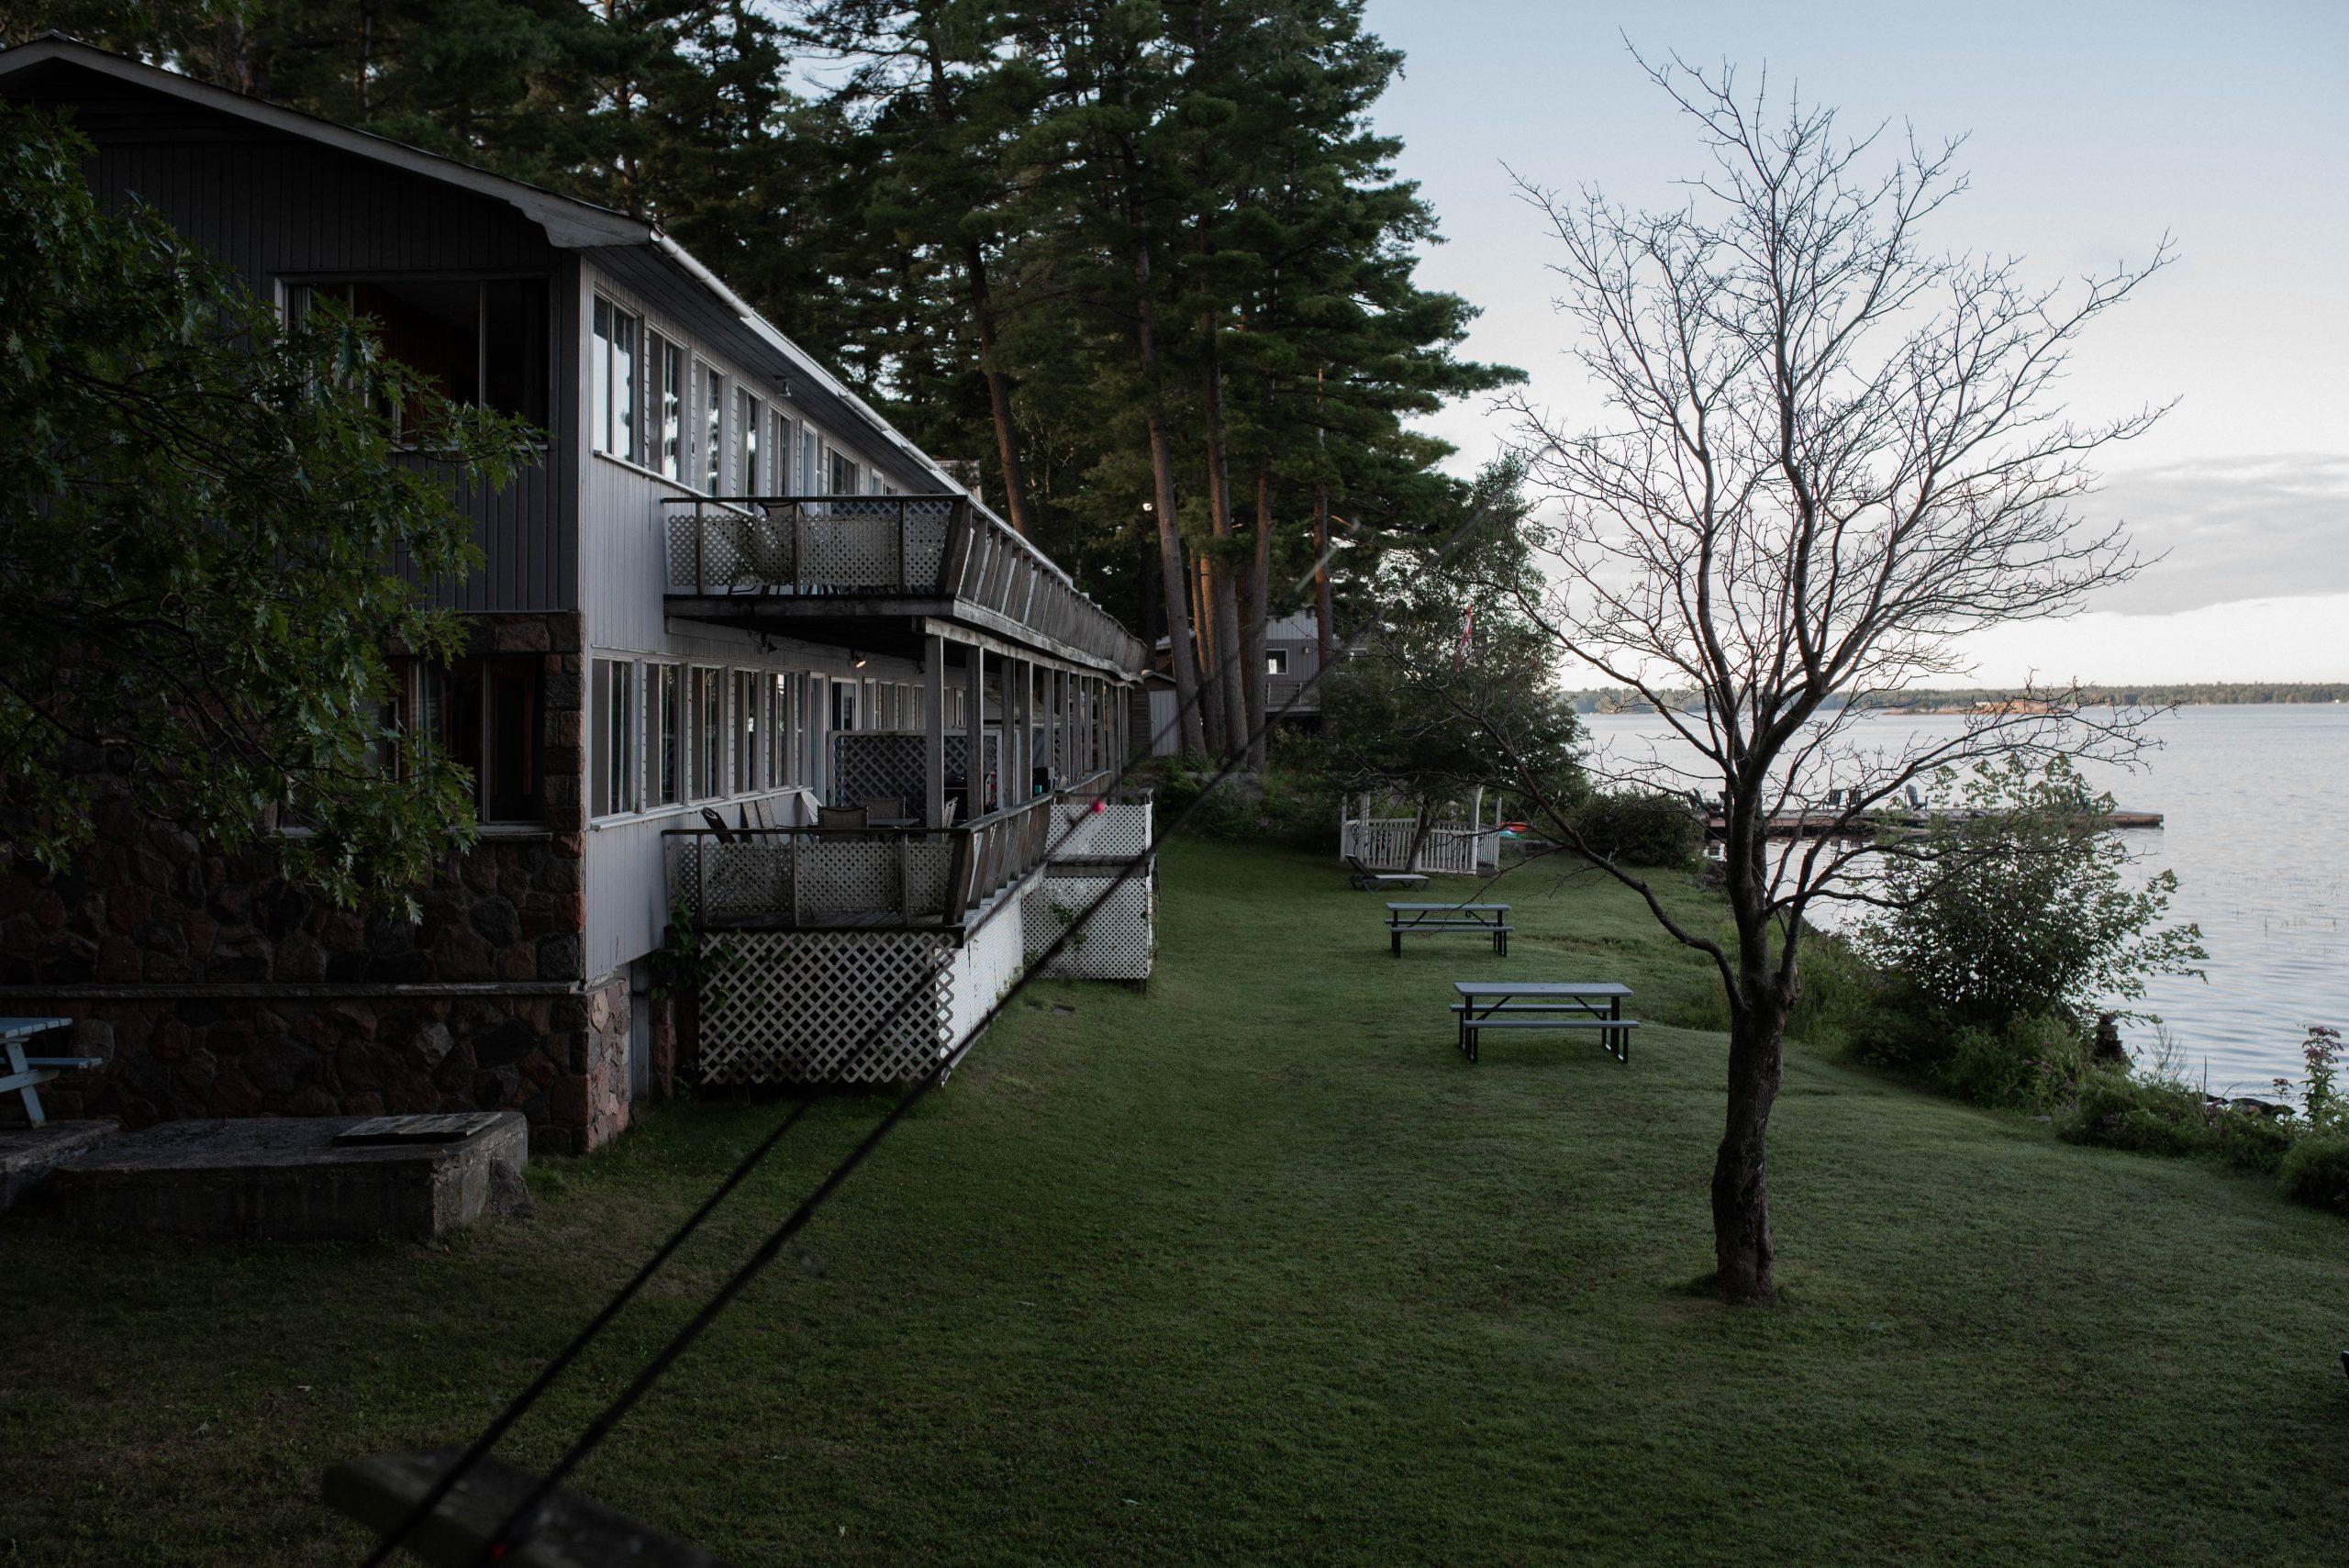 Morning in Muskoka